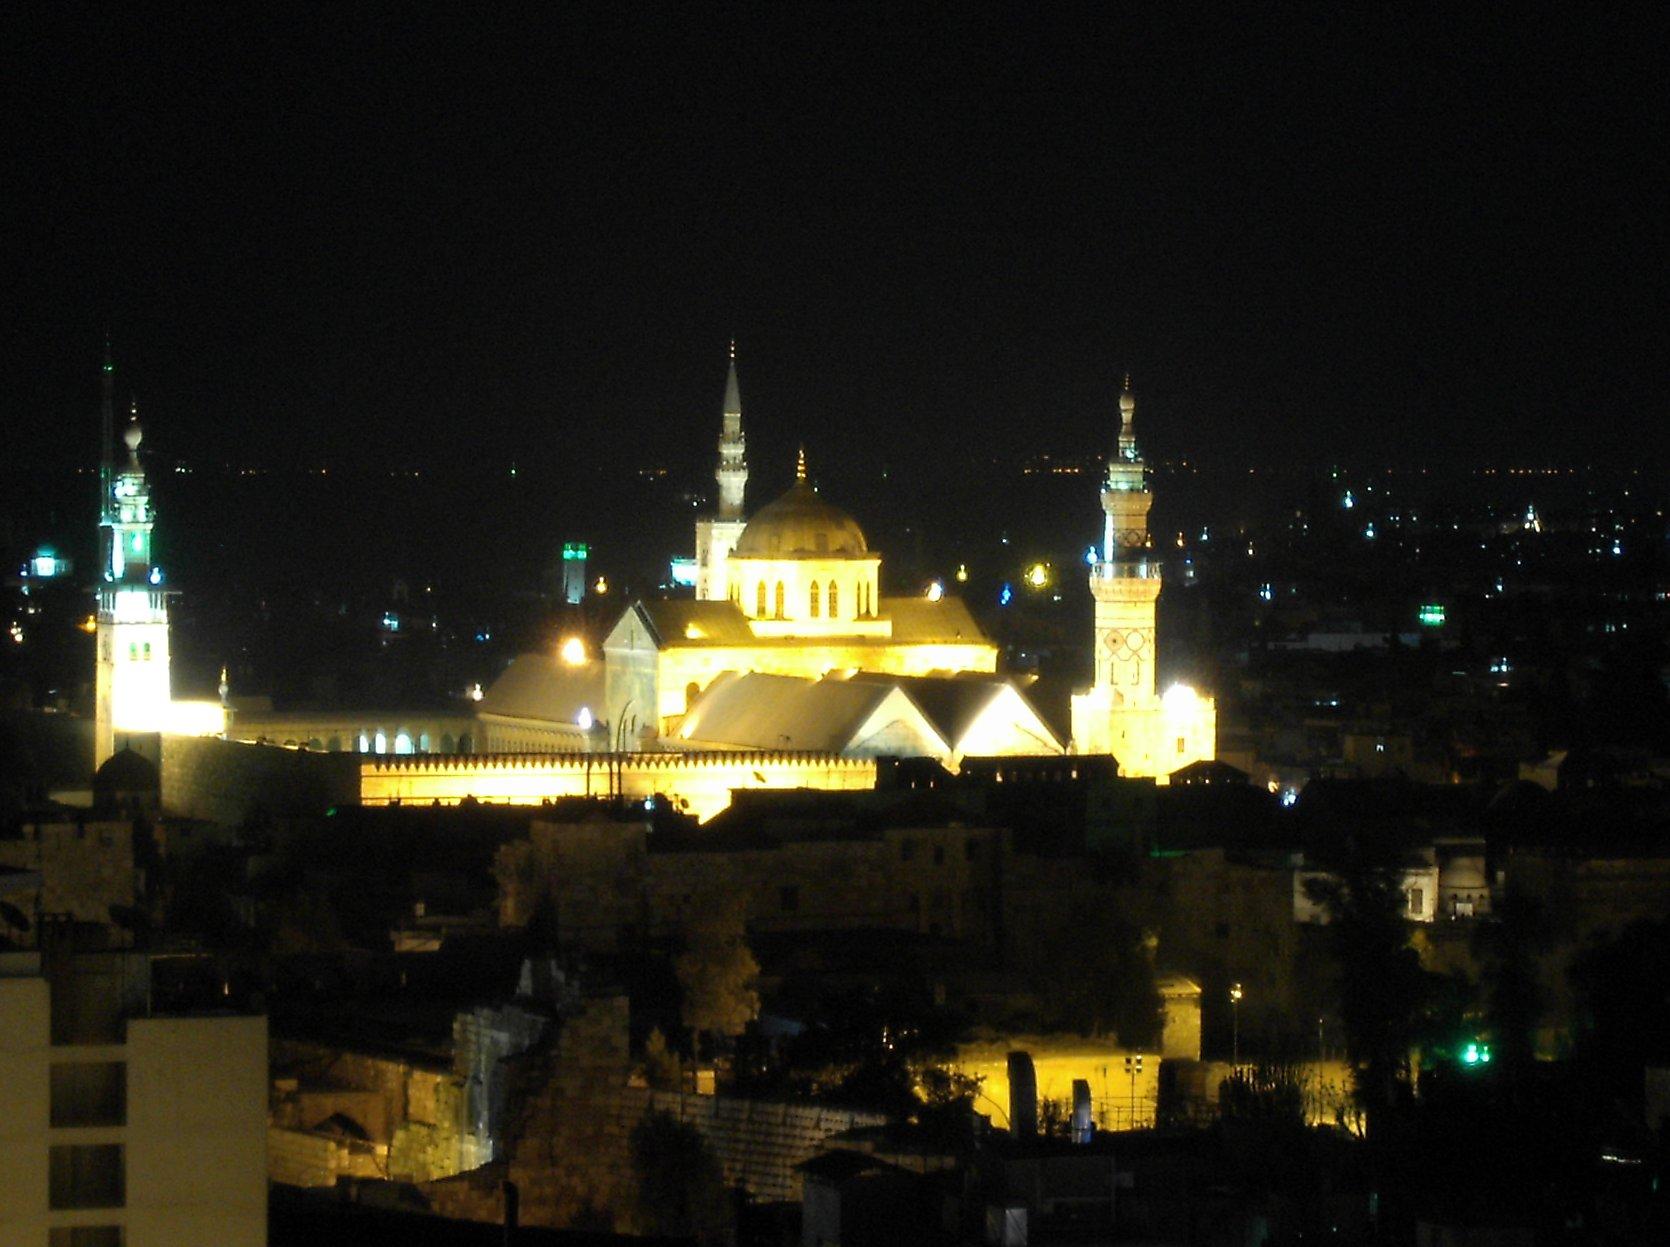 التعريف بسوريا كبلد سياحي المعلومات Omayyad_mosque_night.jpg